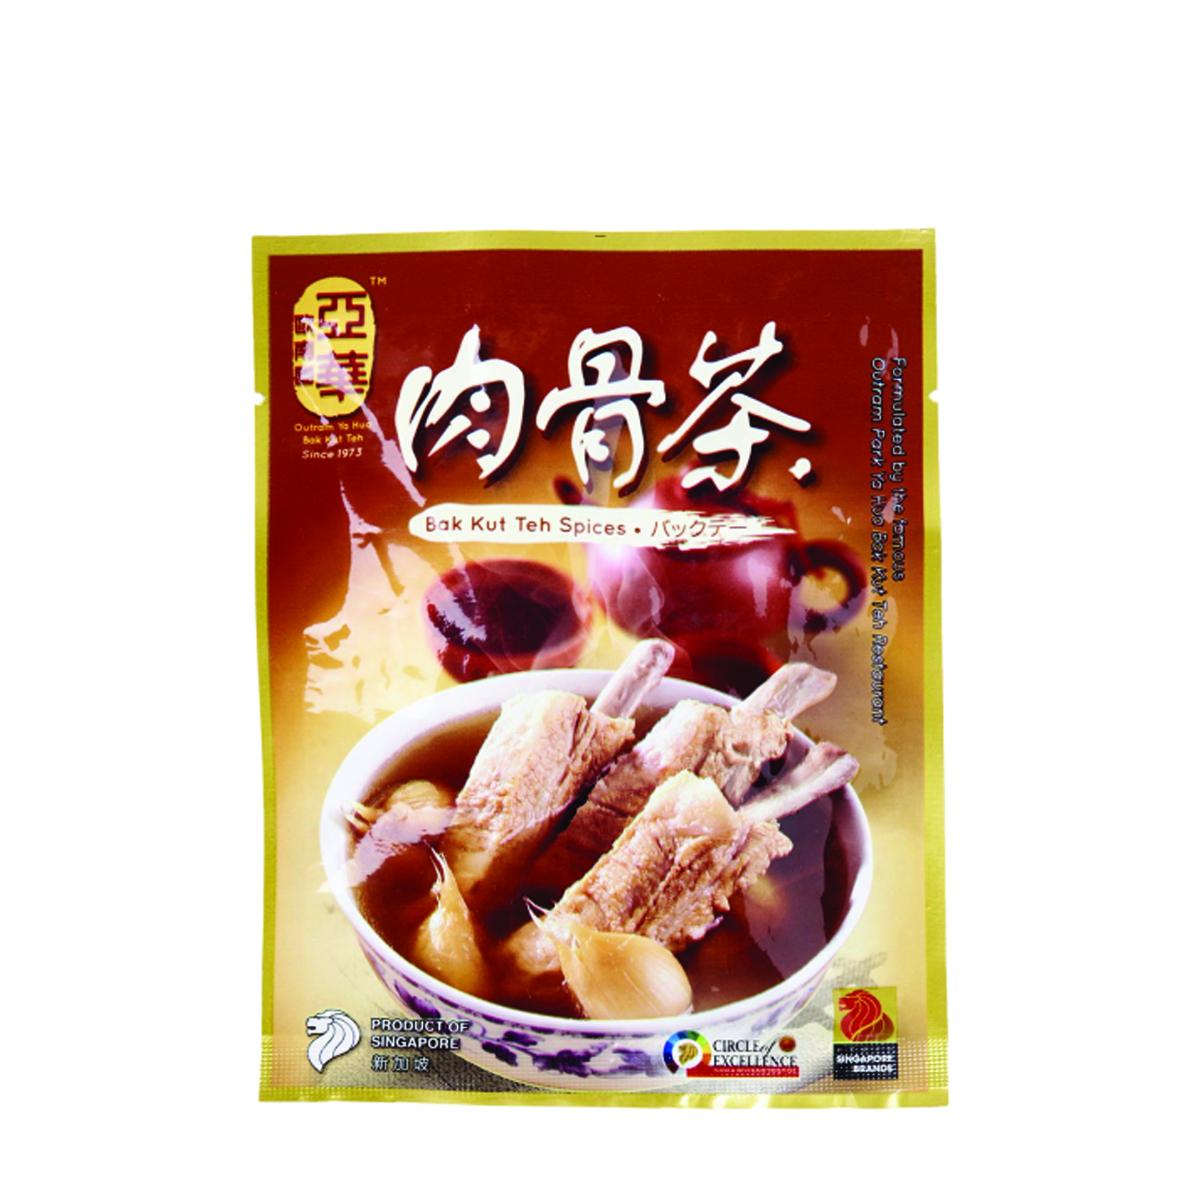 Bột súp thịt sườn hiệu Outram Ya Hua 30g